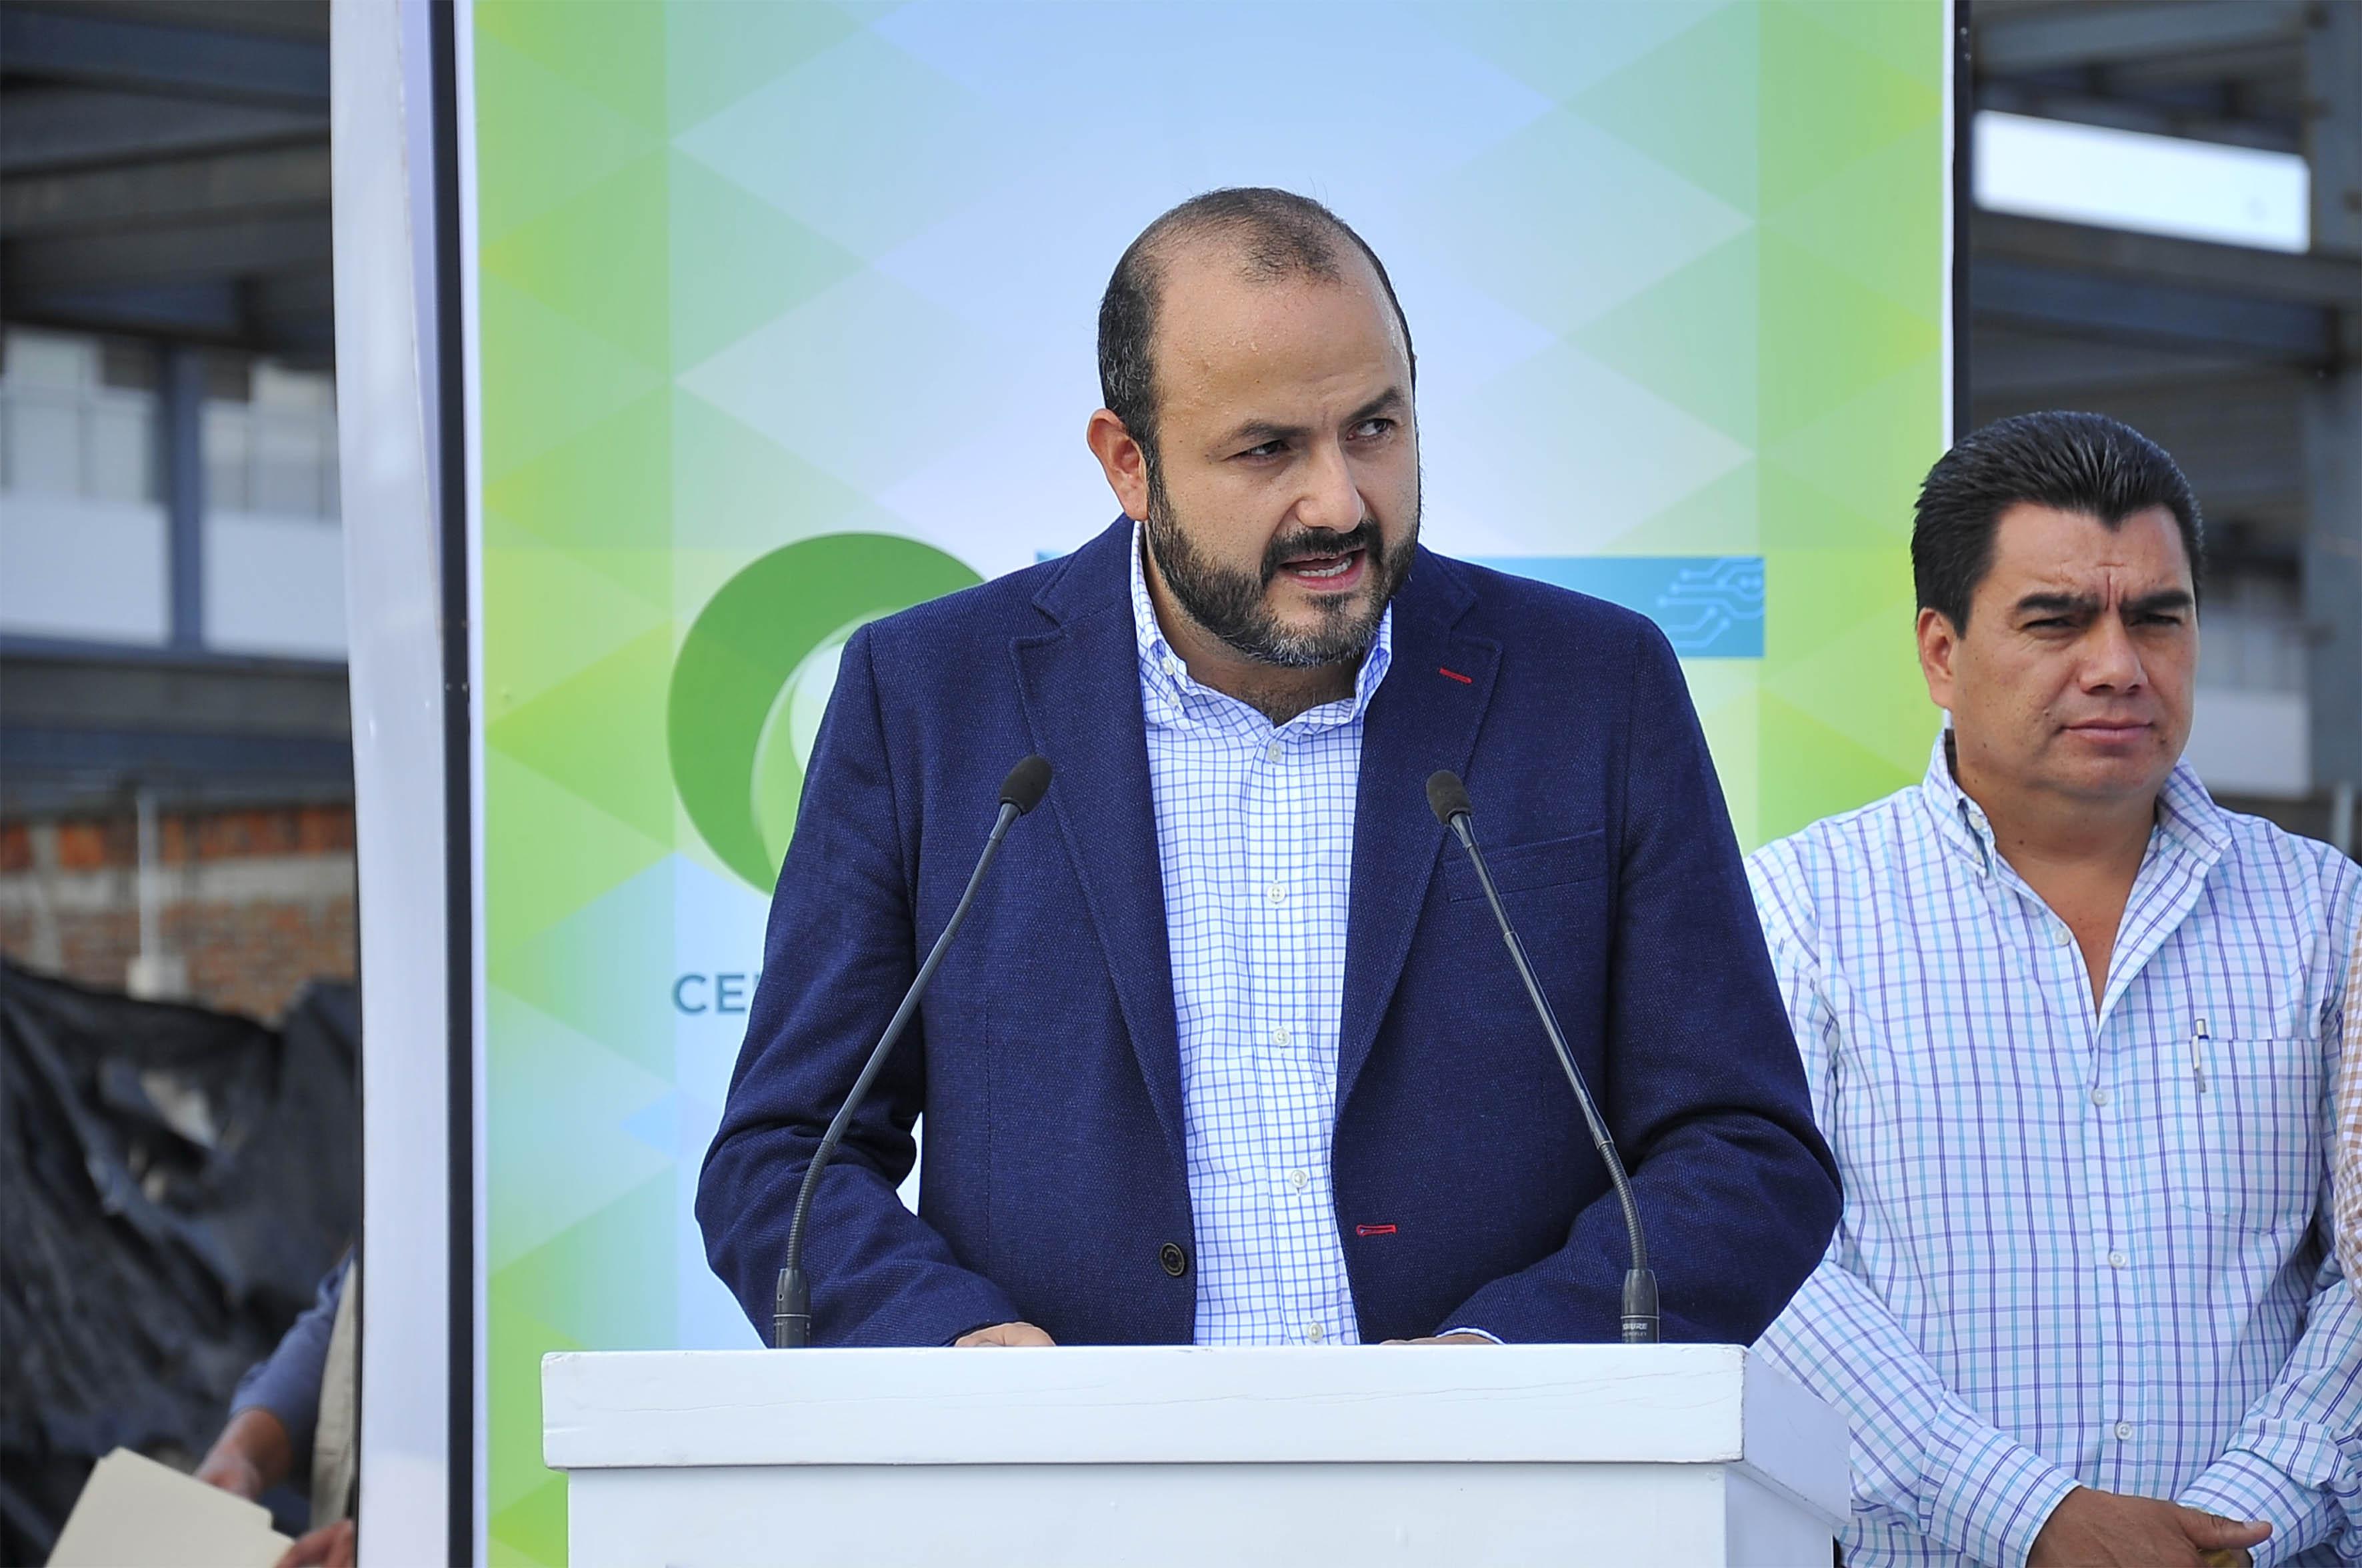 Doctor Ricardo Villanueva Lomelí, Rector del centro, con micrófono en podium haciendo uso de la palabra.